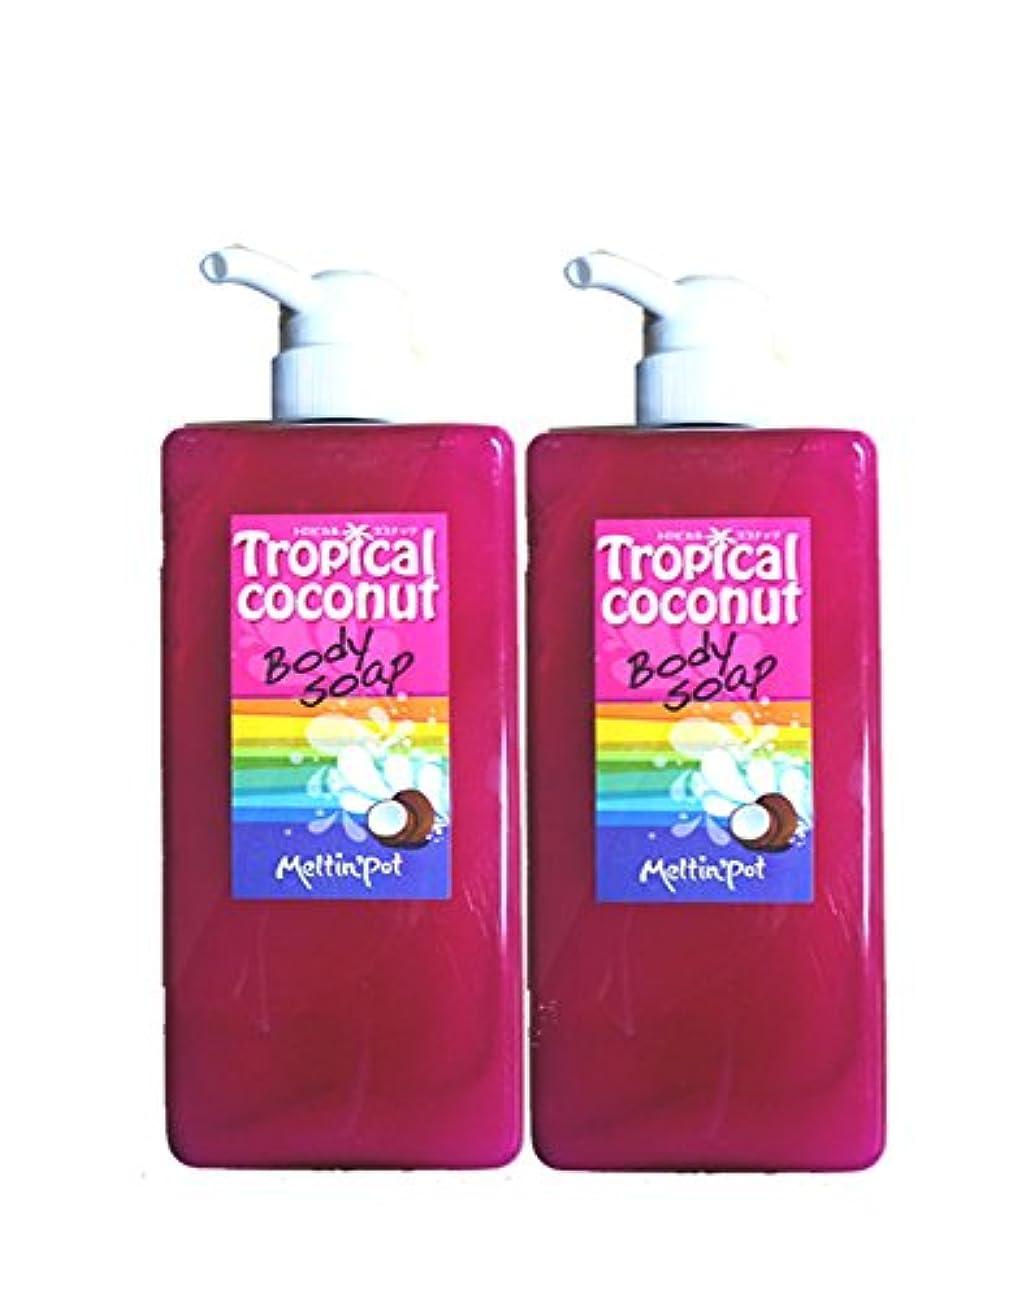 区別すり減る走るトロピカルココナッツ ボディソープ 600ml*2セット Tropical coconut Body Soap 加齢臭に!